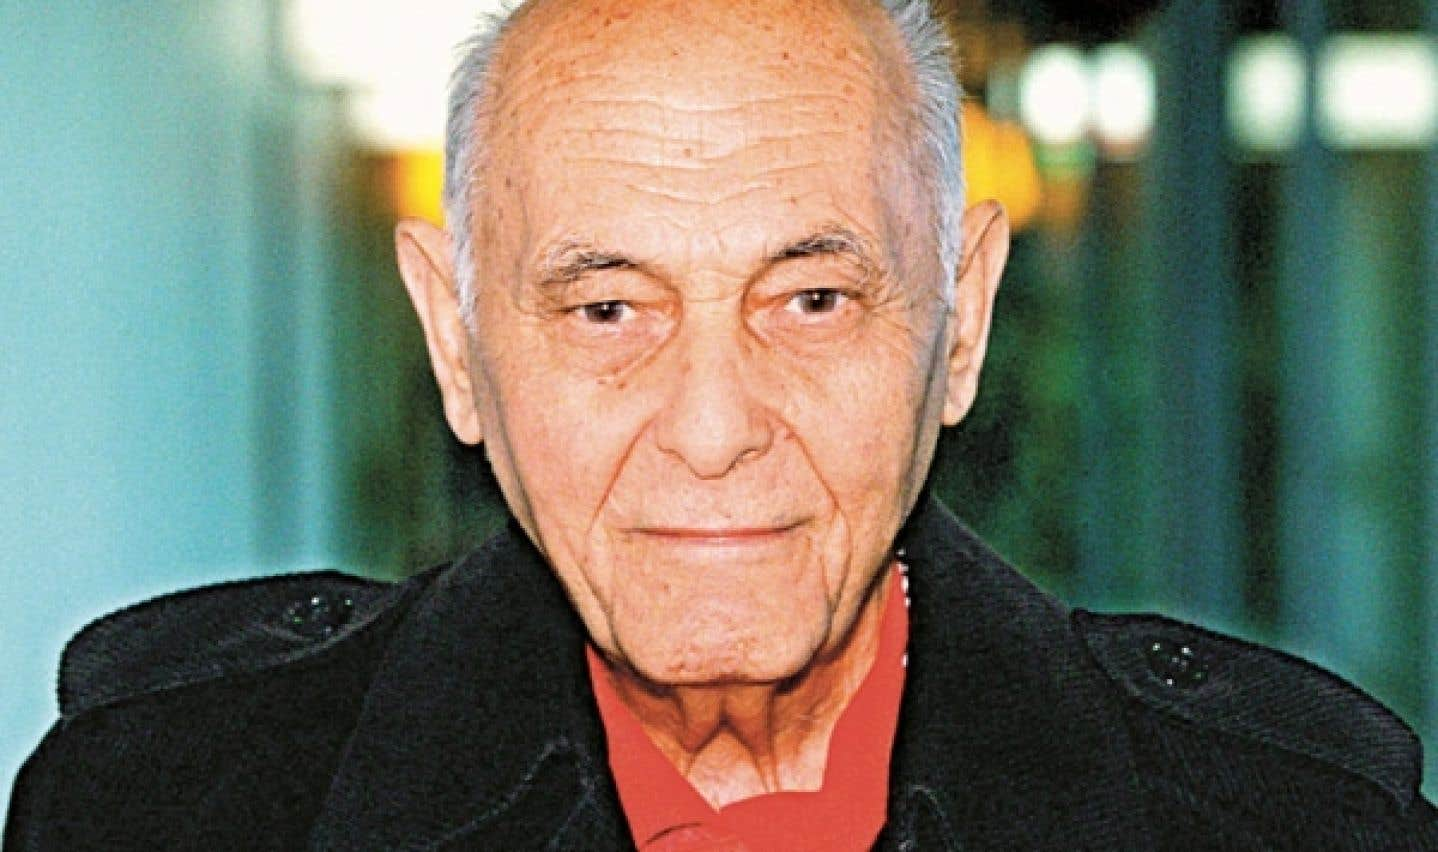 Un coffret luxueux paraît pour le centenaire de la naissance du chef hongrois Georg Solti, décédé en 1997.